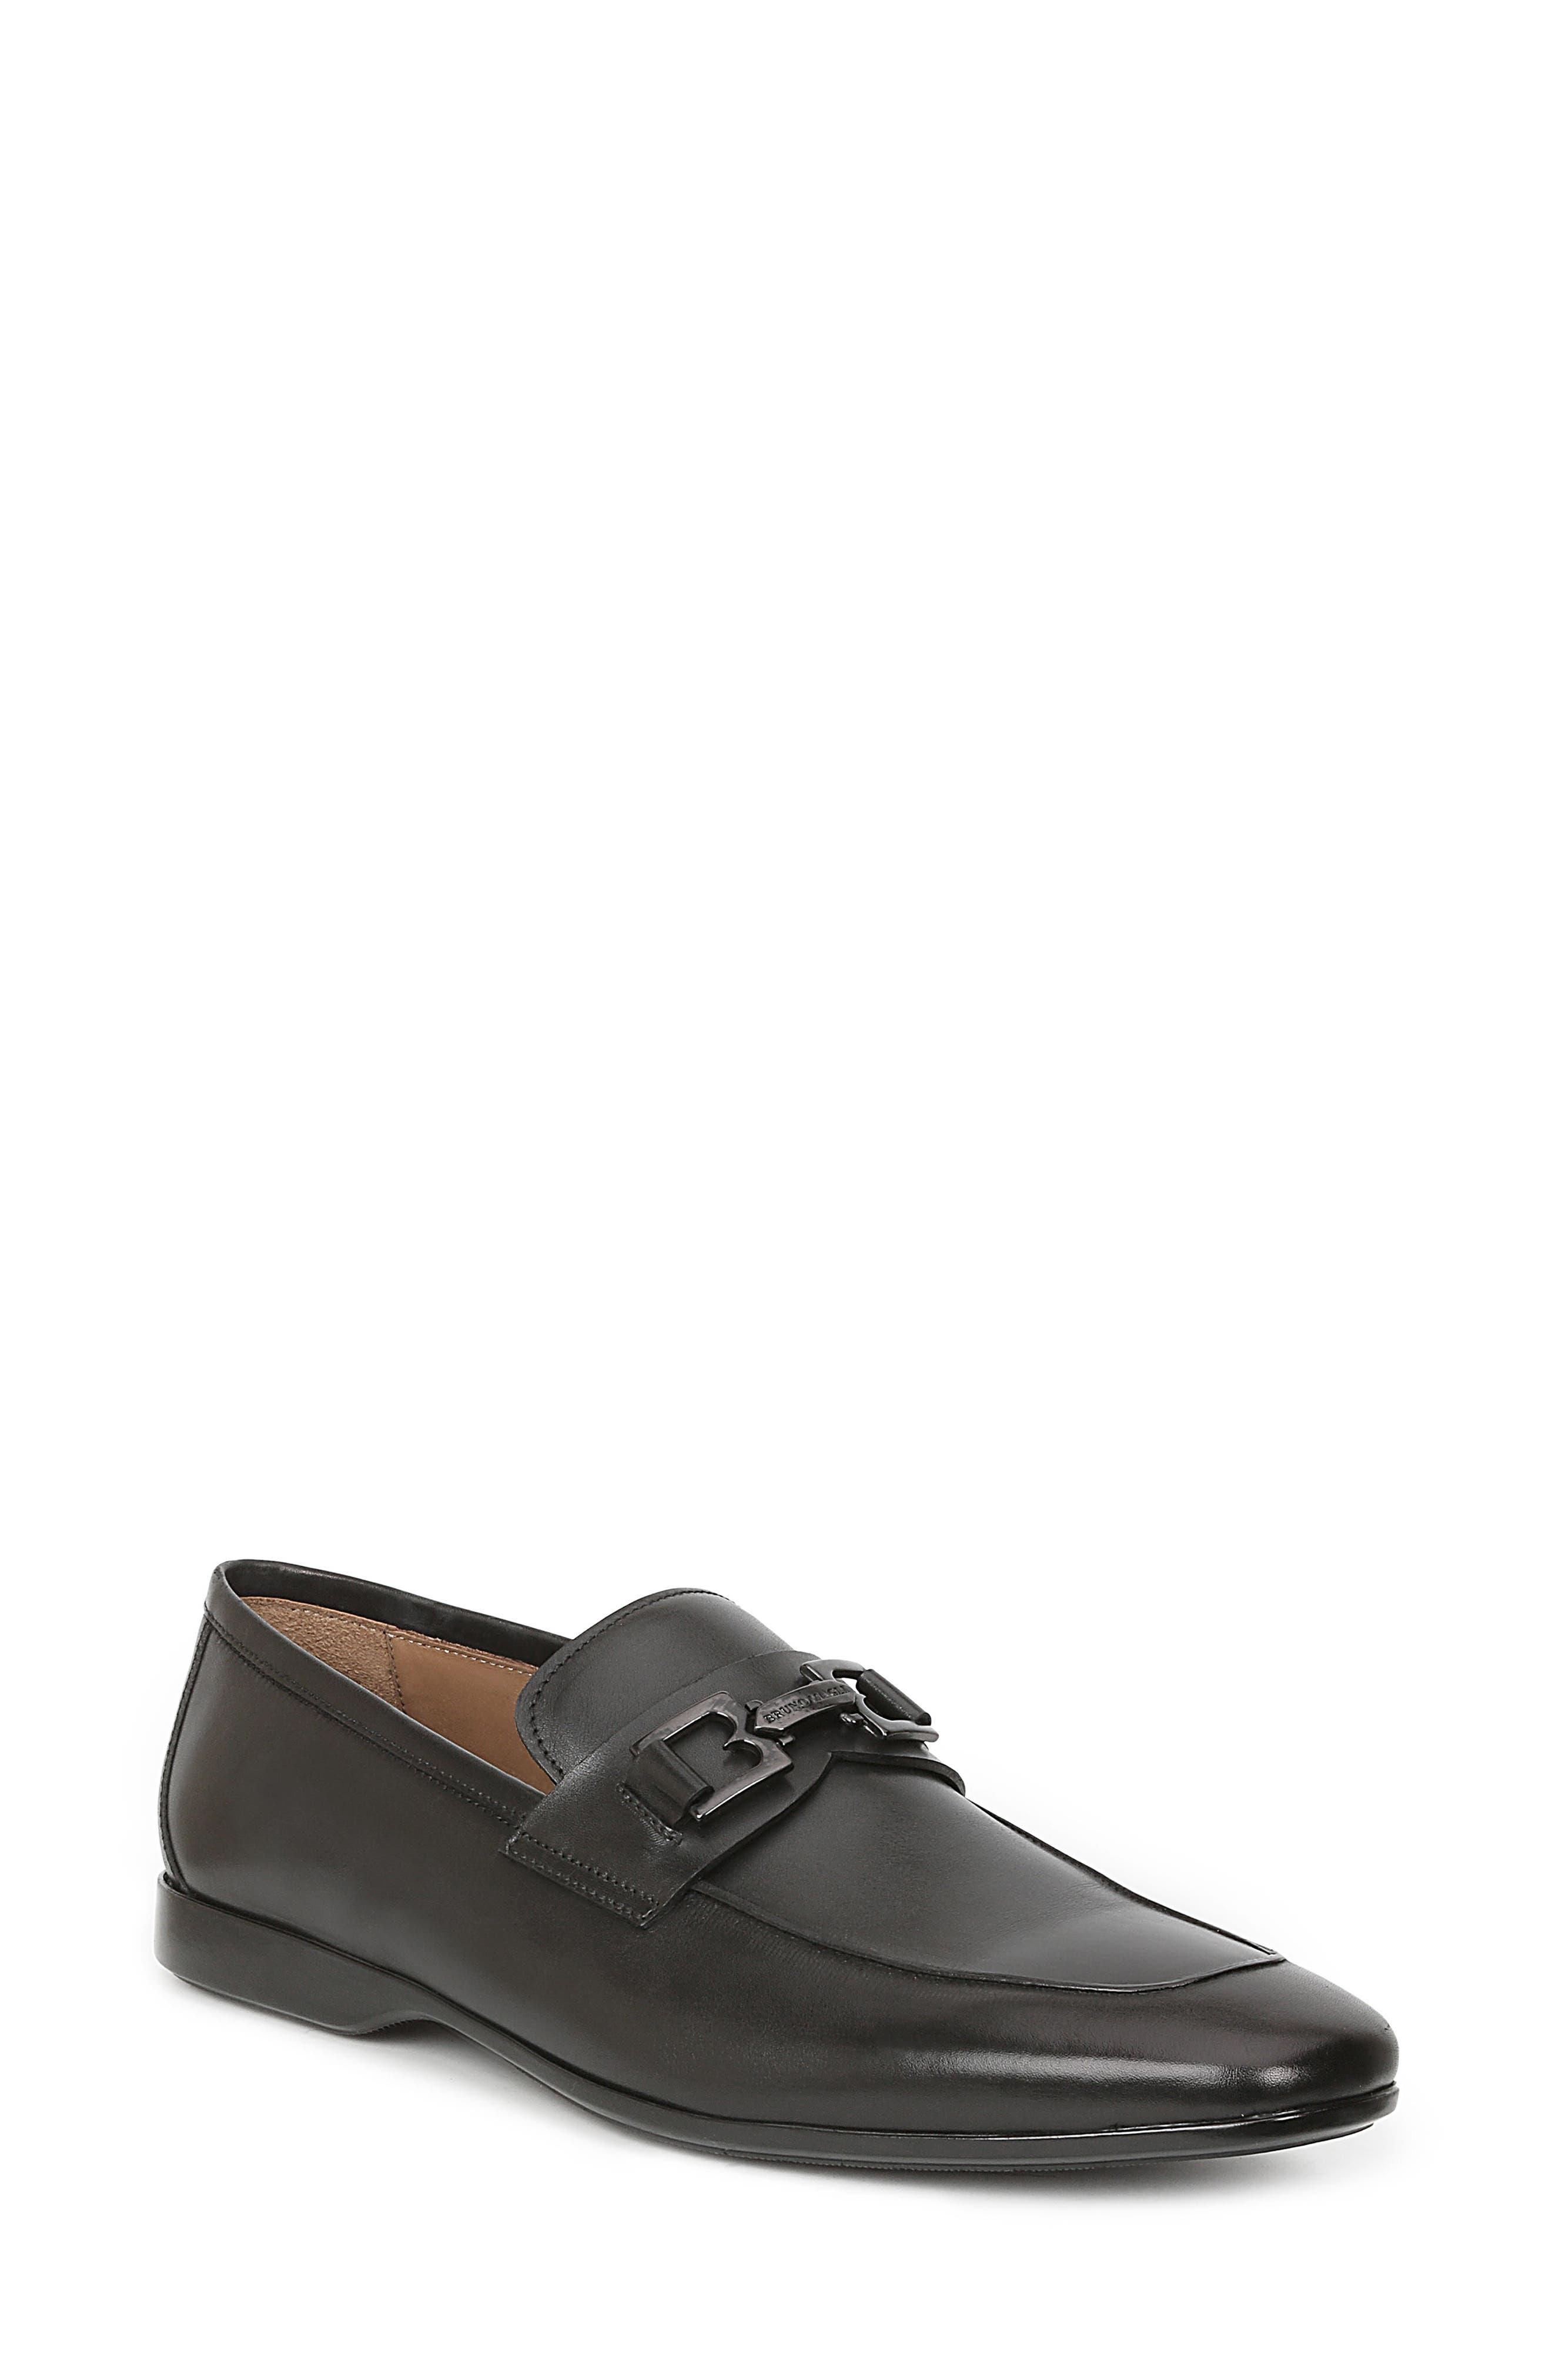 Morolo Bit Loafer,                         Main,                         color, Black